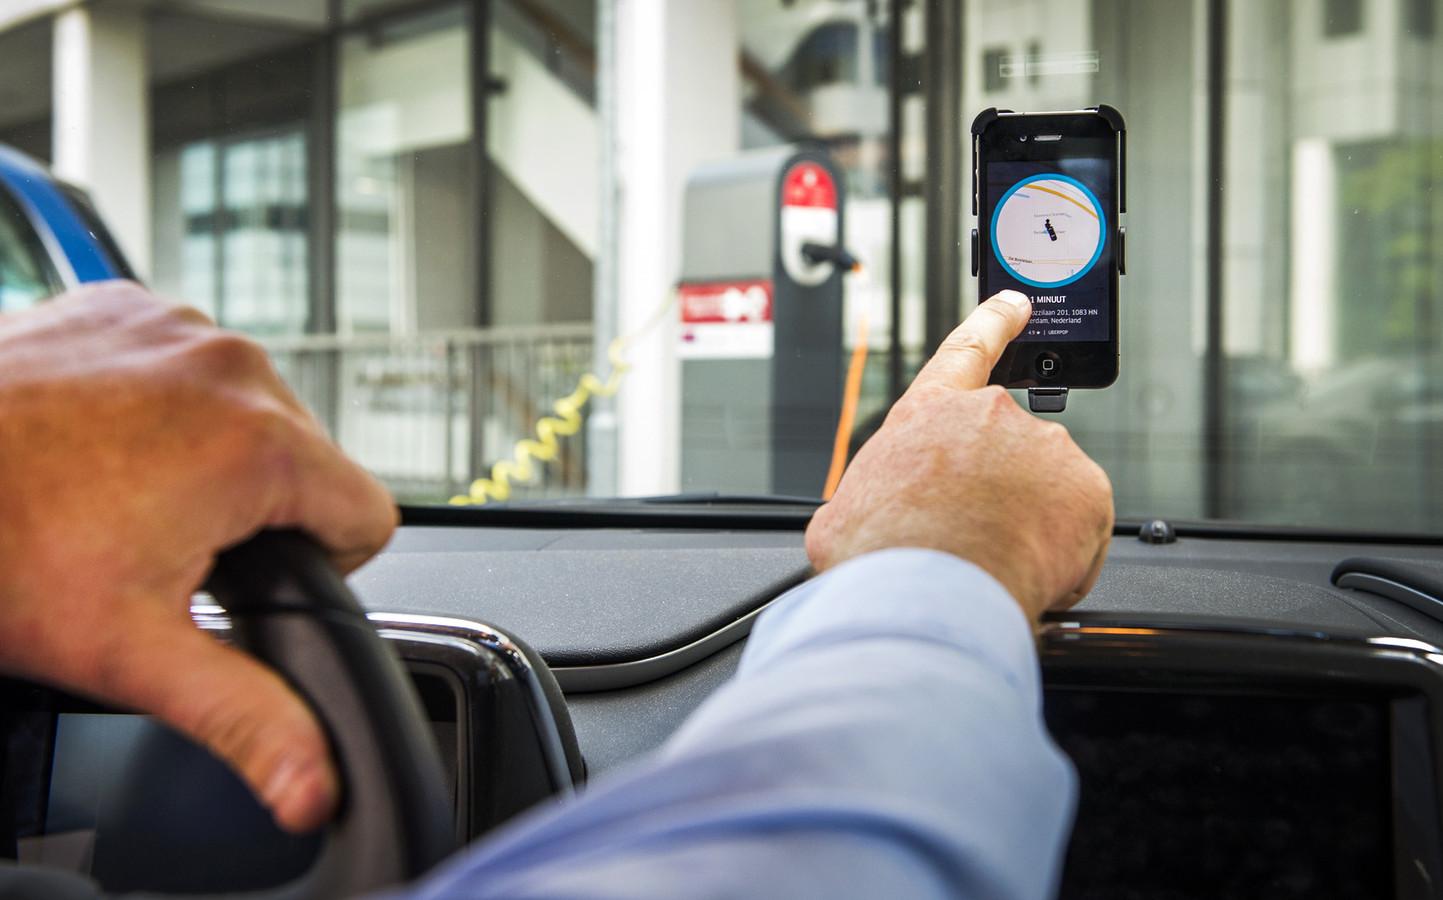 De service UberPOP is de helft goedkoper is dan een gewone taxi.